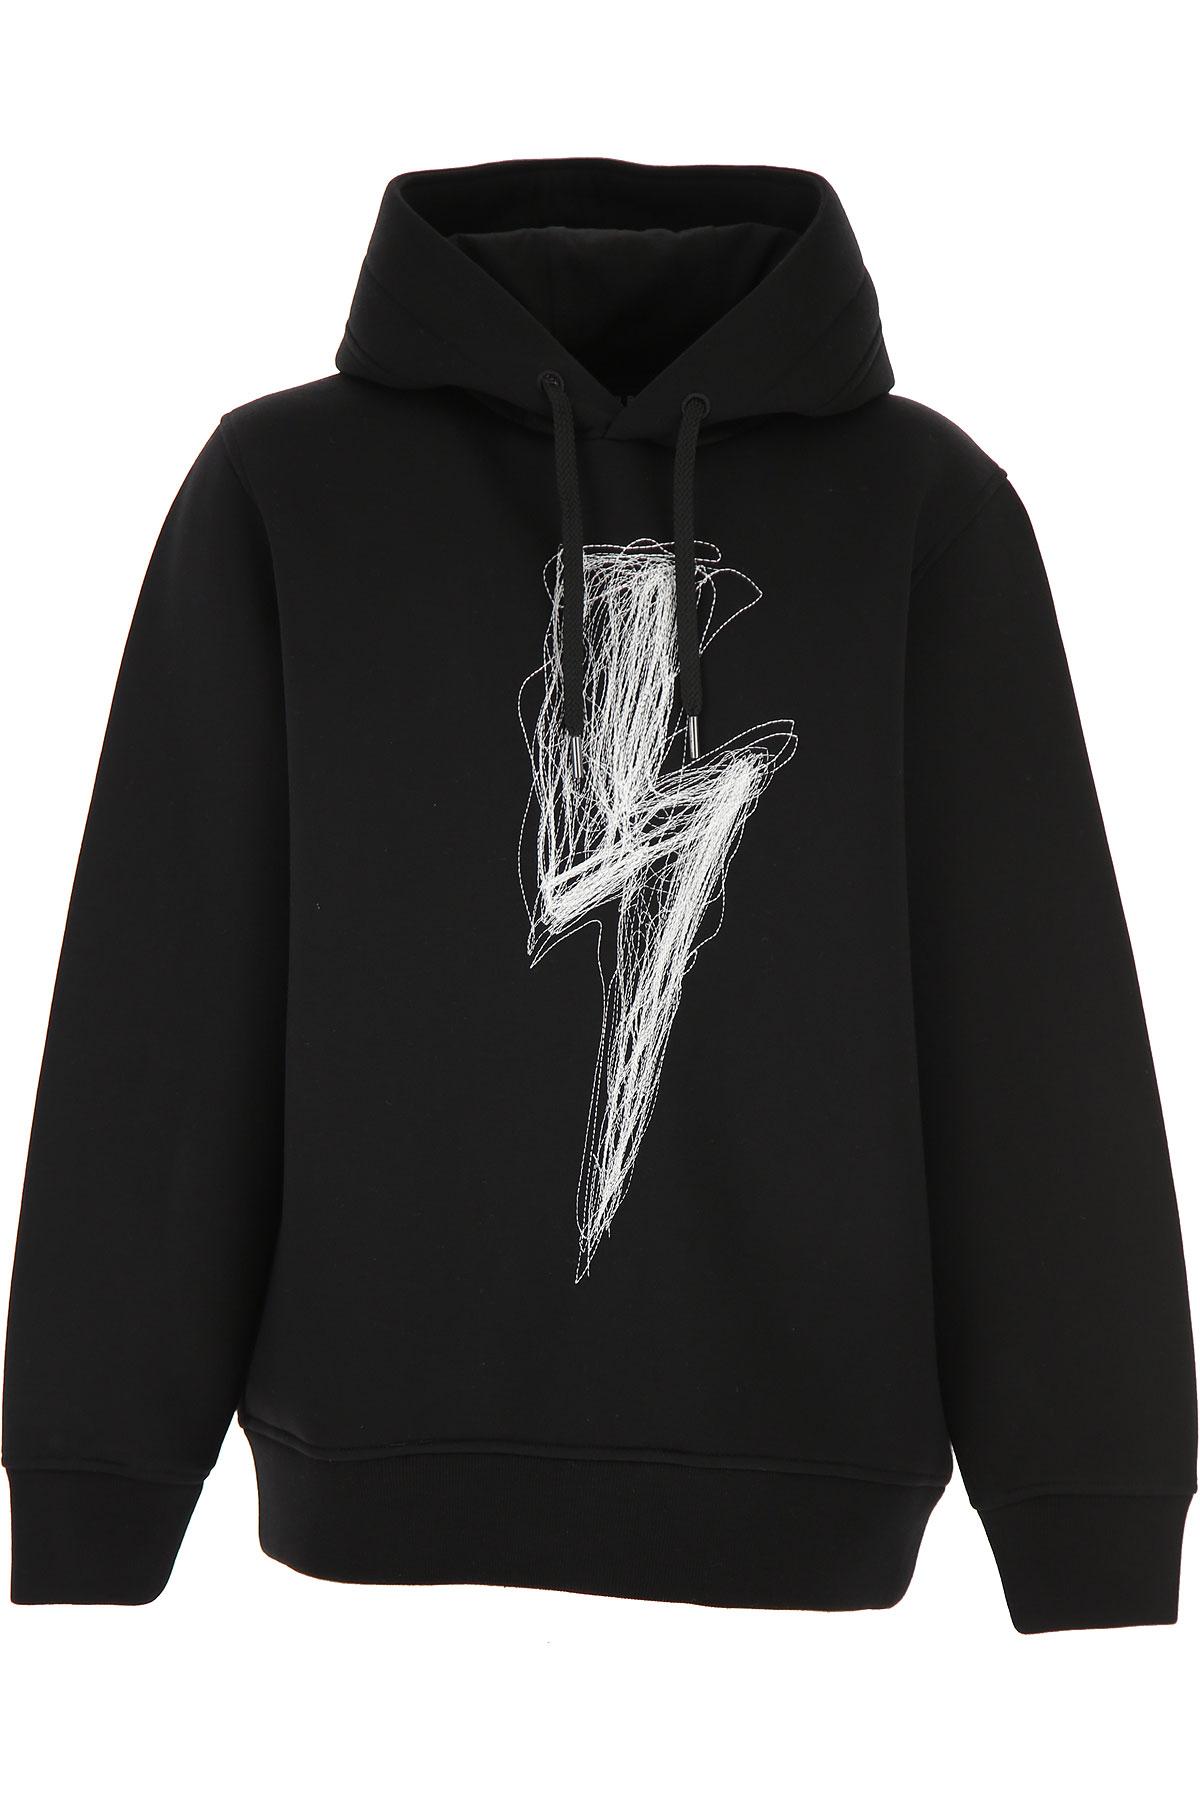 Neil Barrett Kids Sweatshirts & Hoodies for Boys On Sale, Black, viscosa, 2019, 10Y 12Y 14Y 8Y